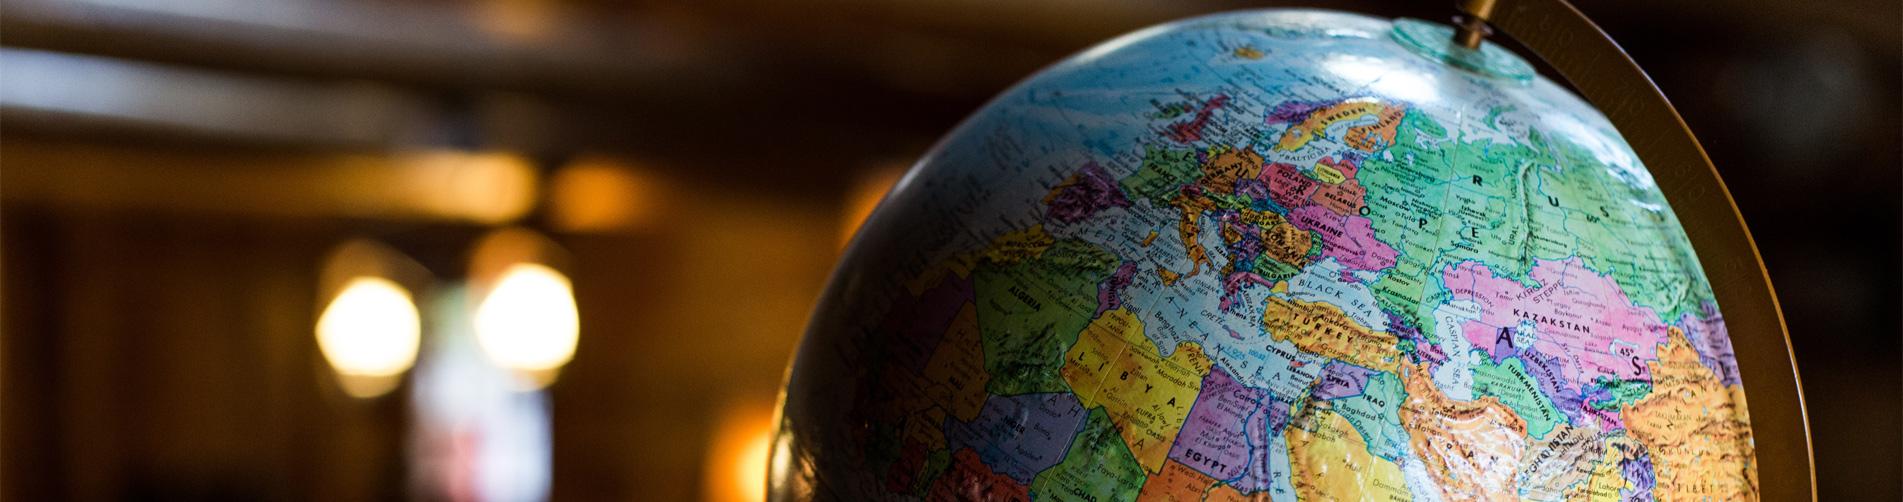 LEI Global Distribution